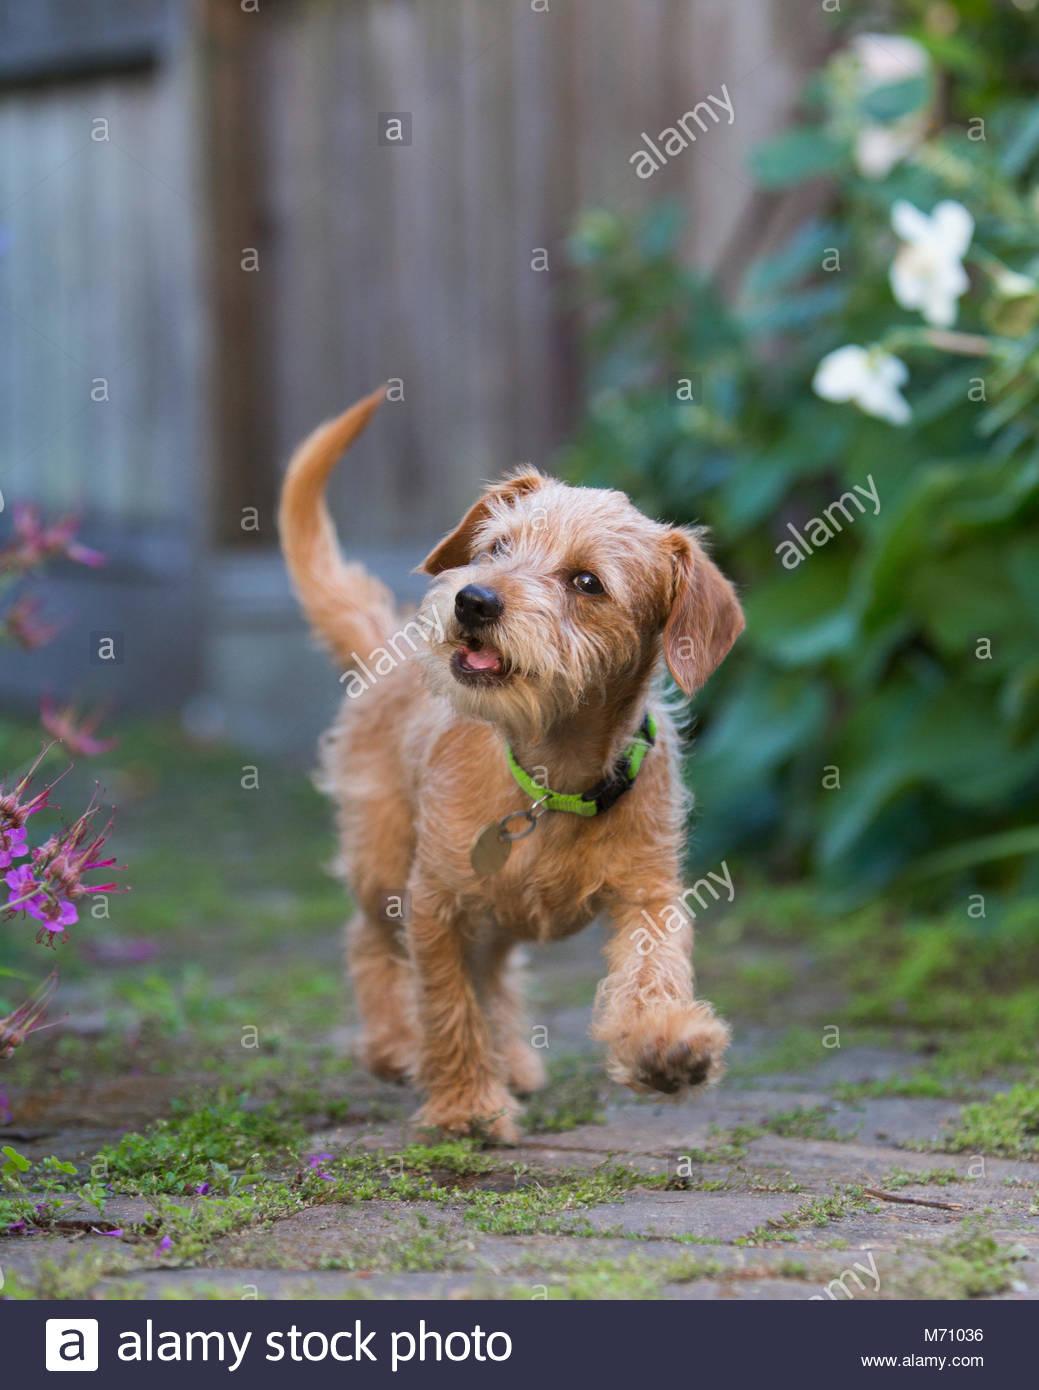 Braun Terrier Welpen zu Fuß in Richtung Kamera auf Stein weg mit offenem Mund, als ob Sprechen Stockbild